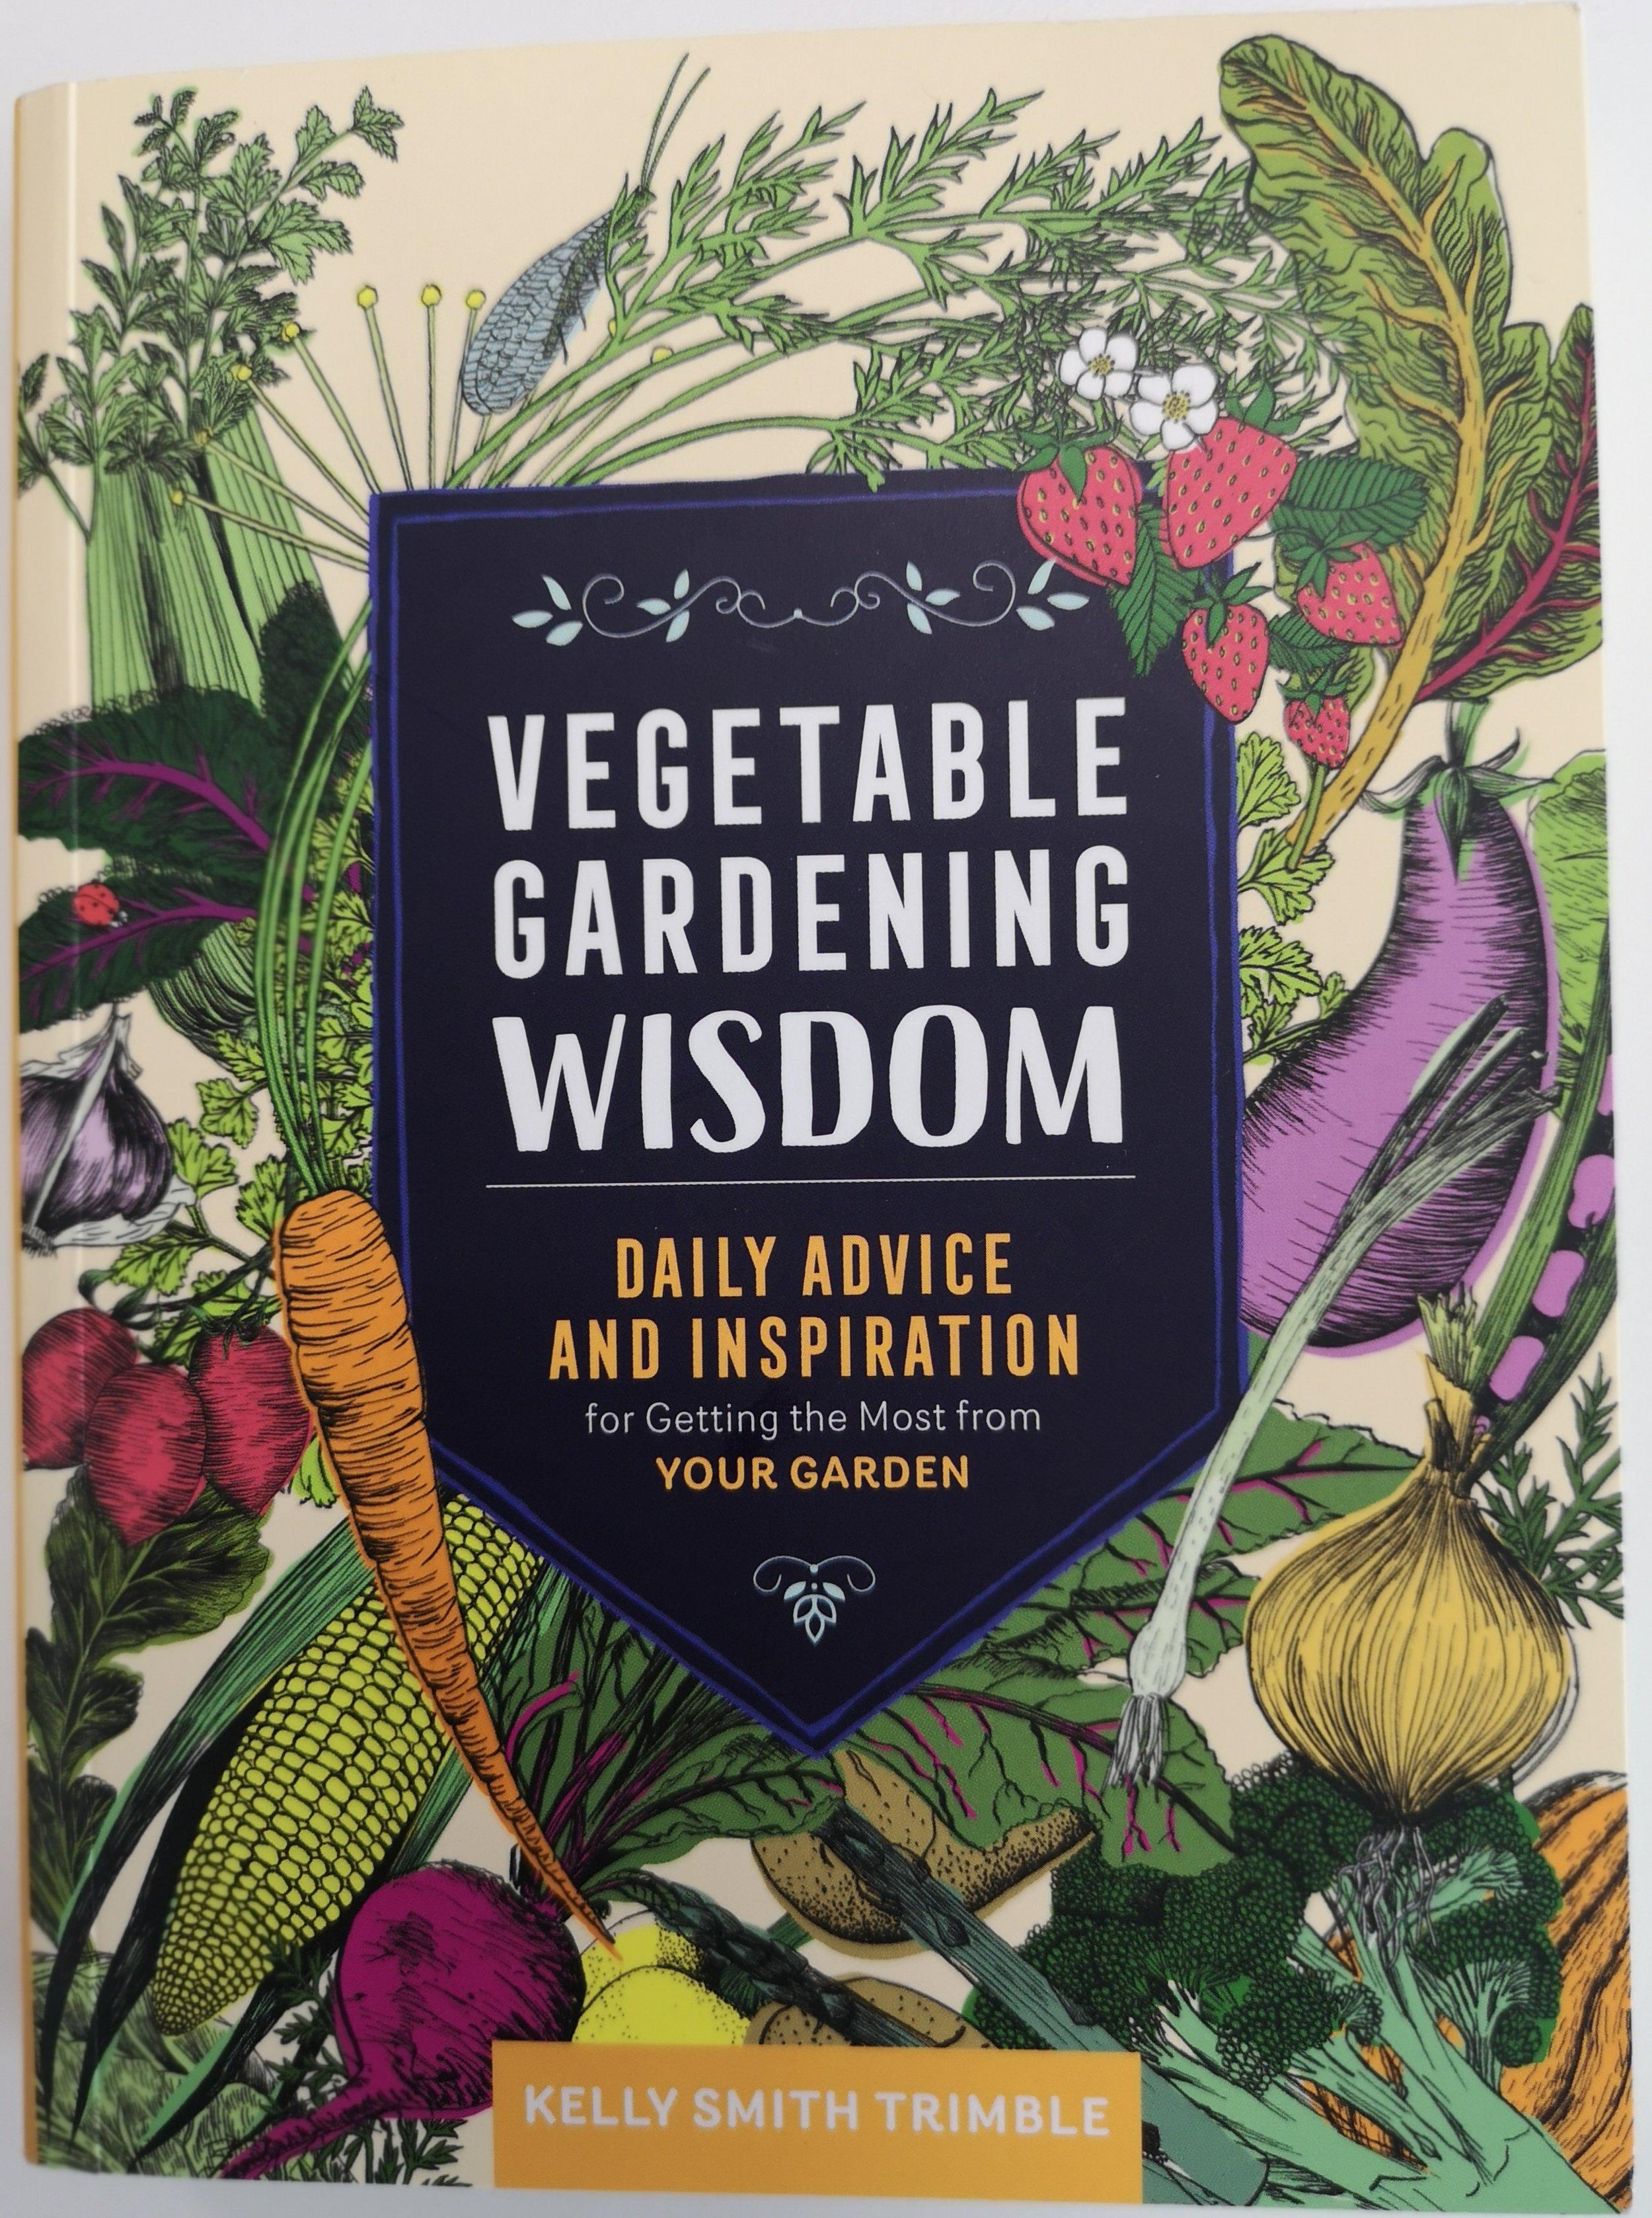 Kelly Smith Trimble: Vegetable Gardening Wisdom